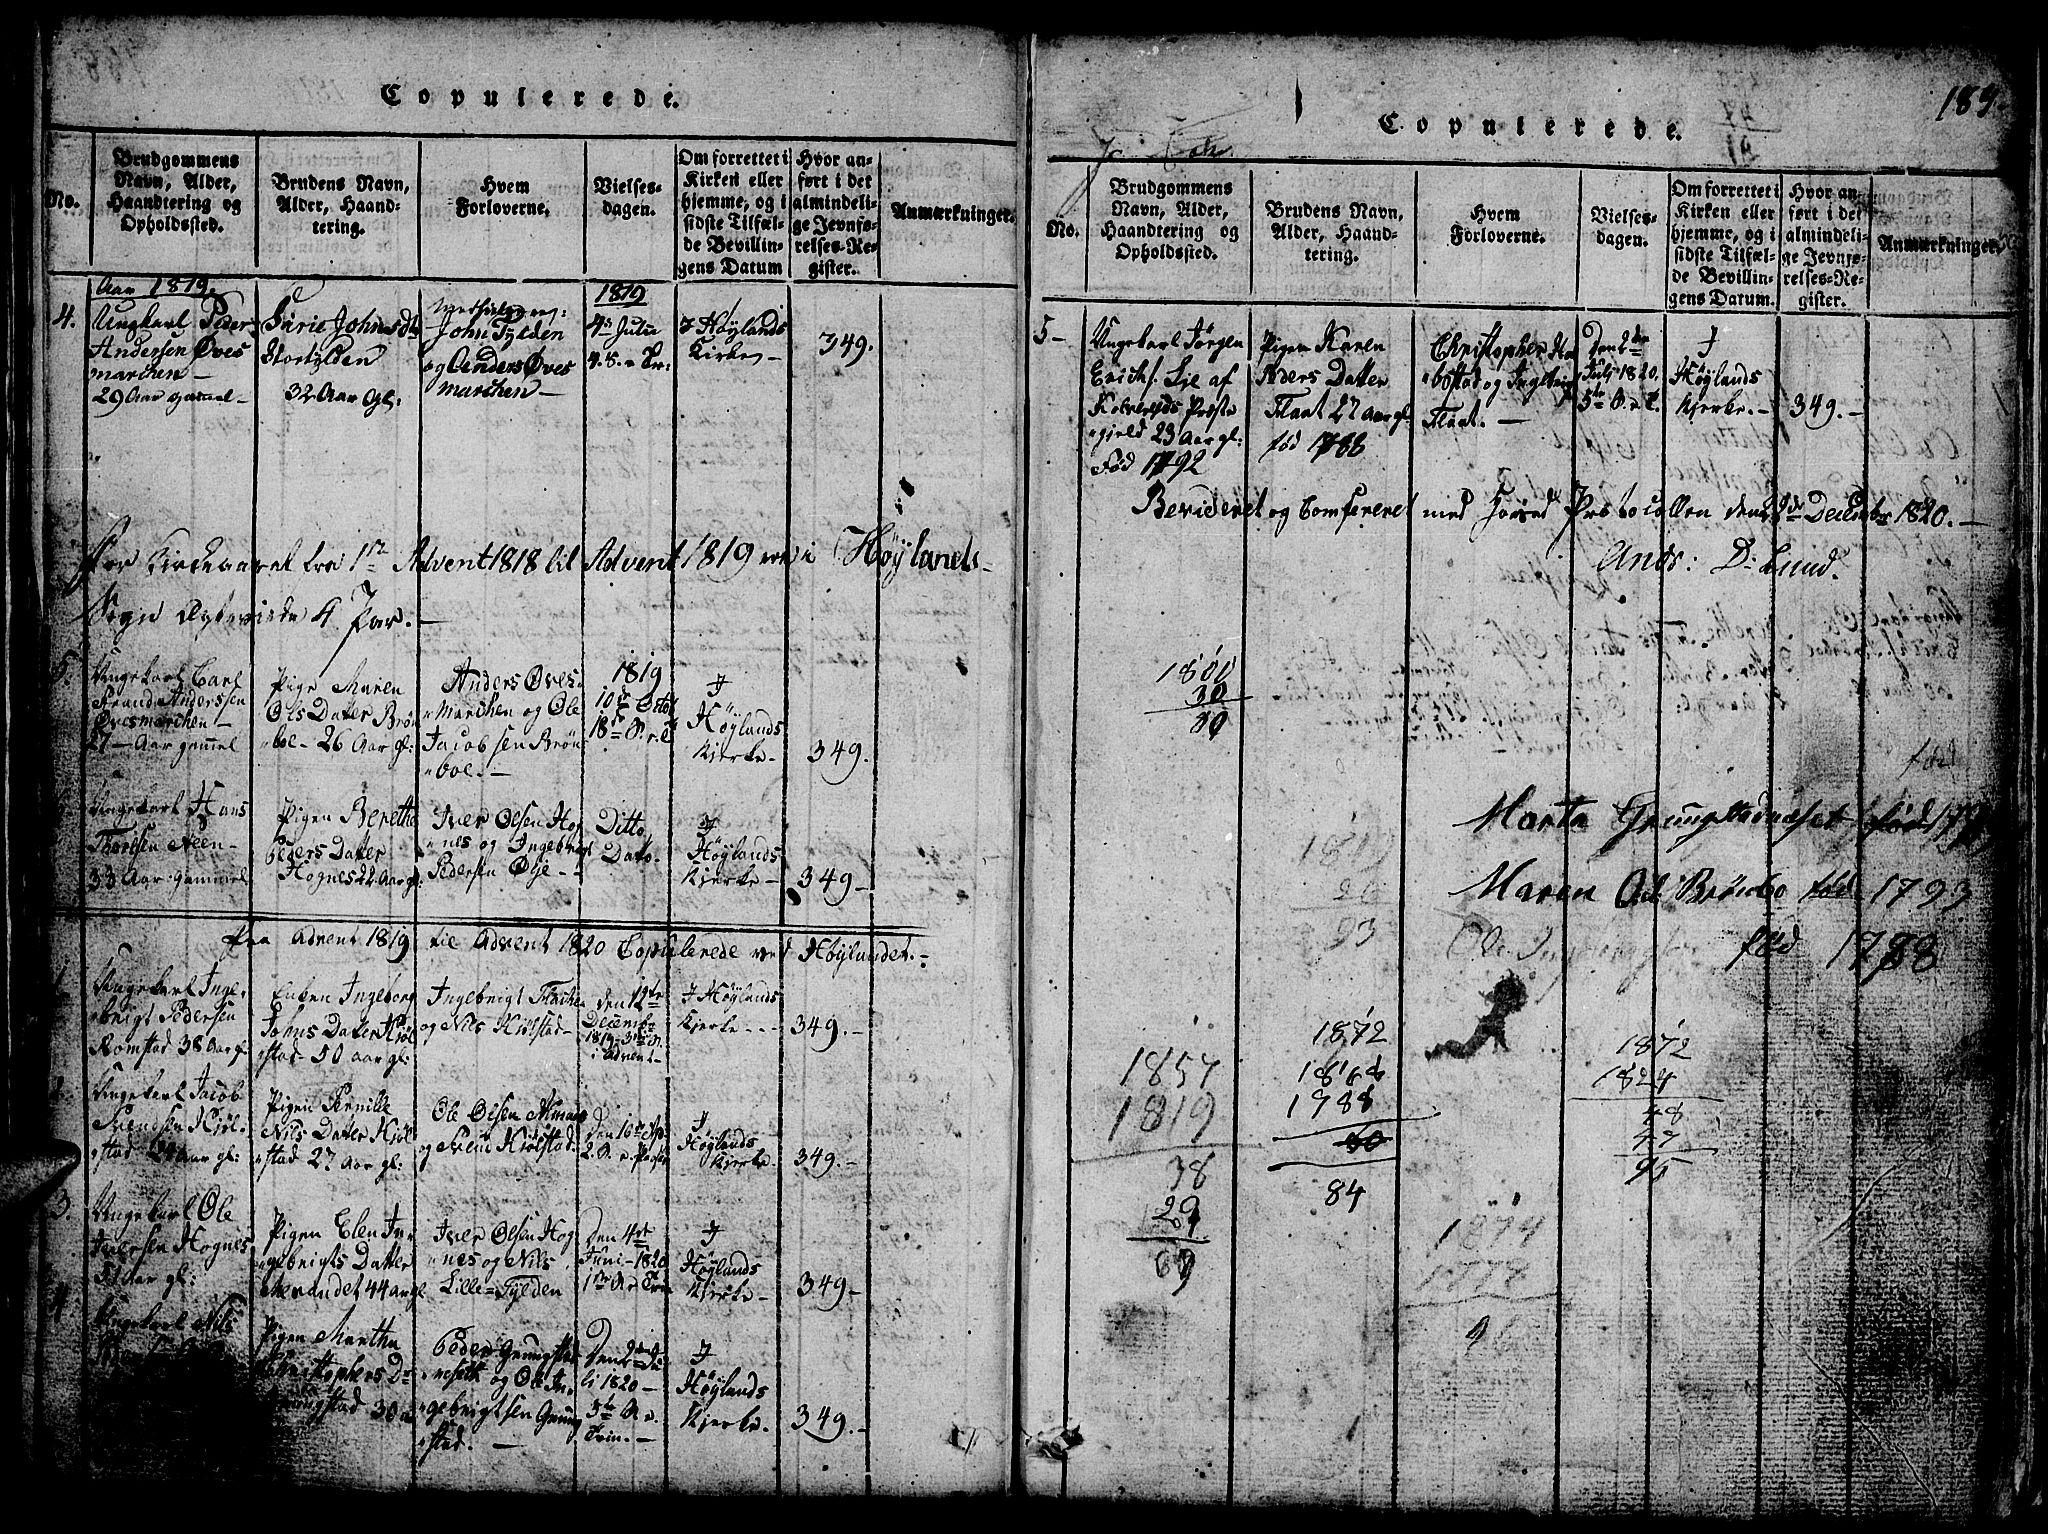 SAT, Ministerialprotokoller, klokkerbøker og fødselsregistre - Nord-Trøndelag, 765/L0562: Klokkerbok nr. 765C01, 1817-1851, s. 189